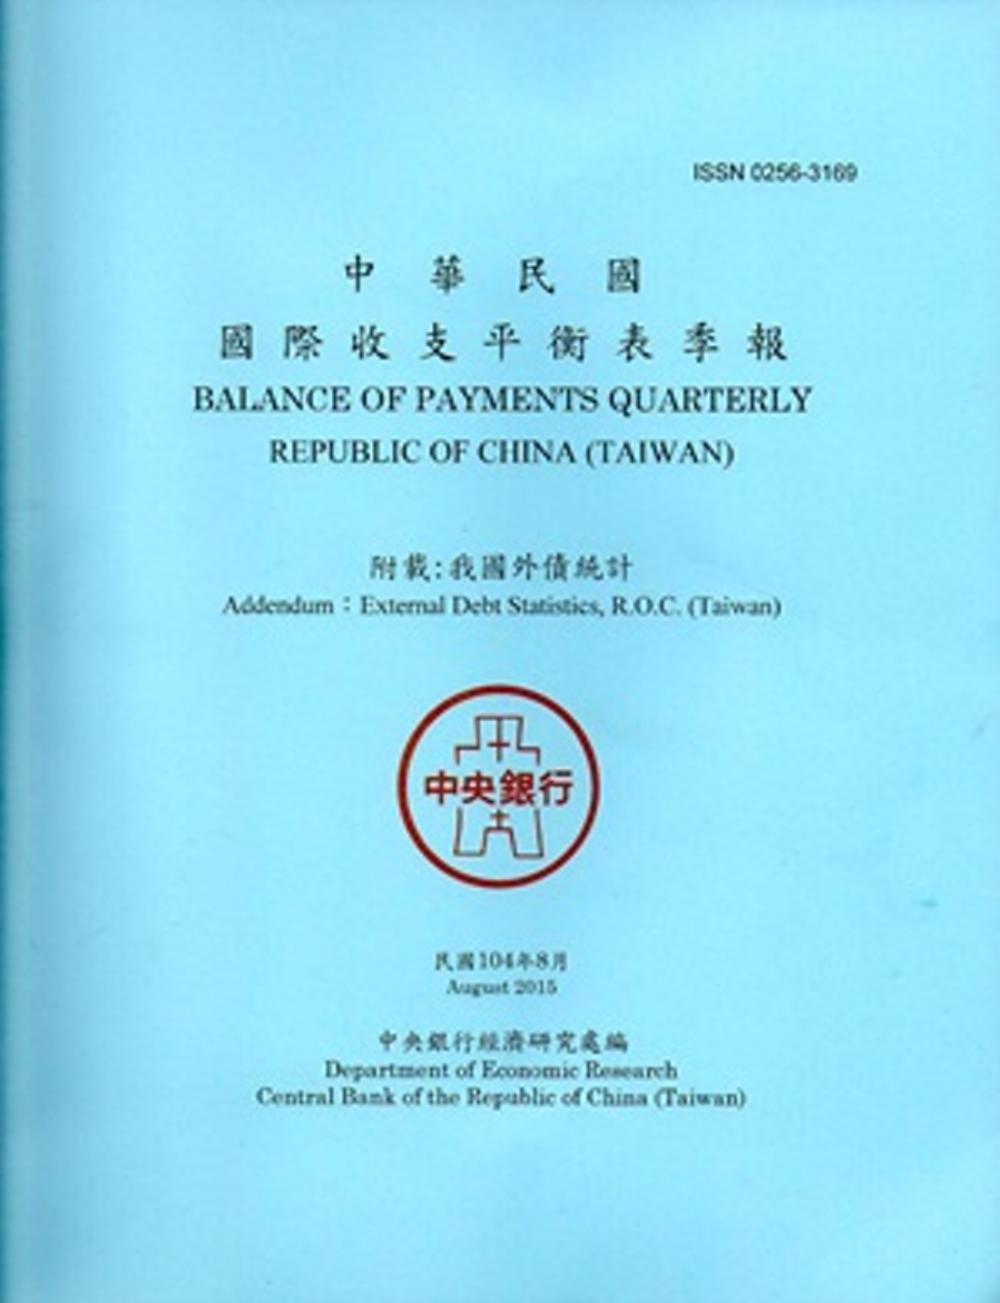 中華民國國際收支平衡表季報104.08